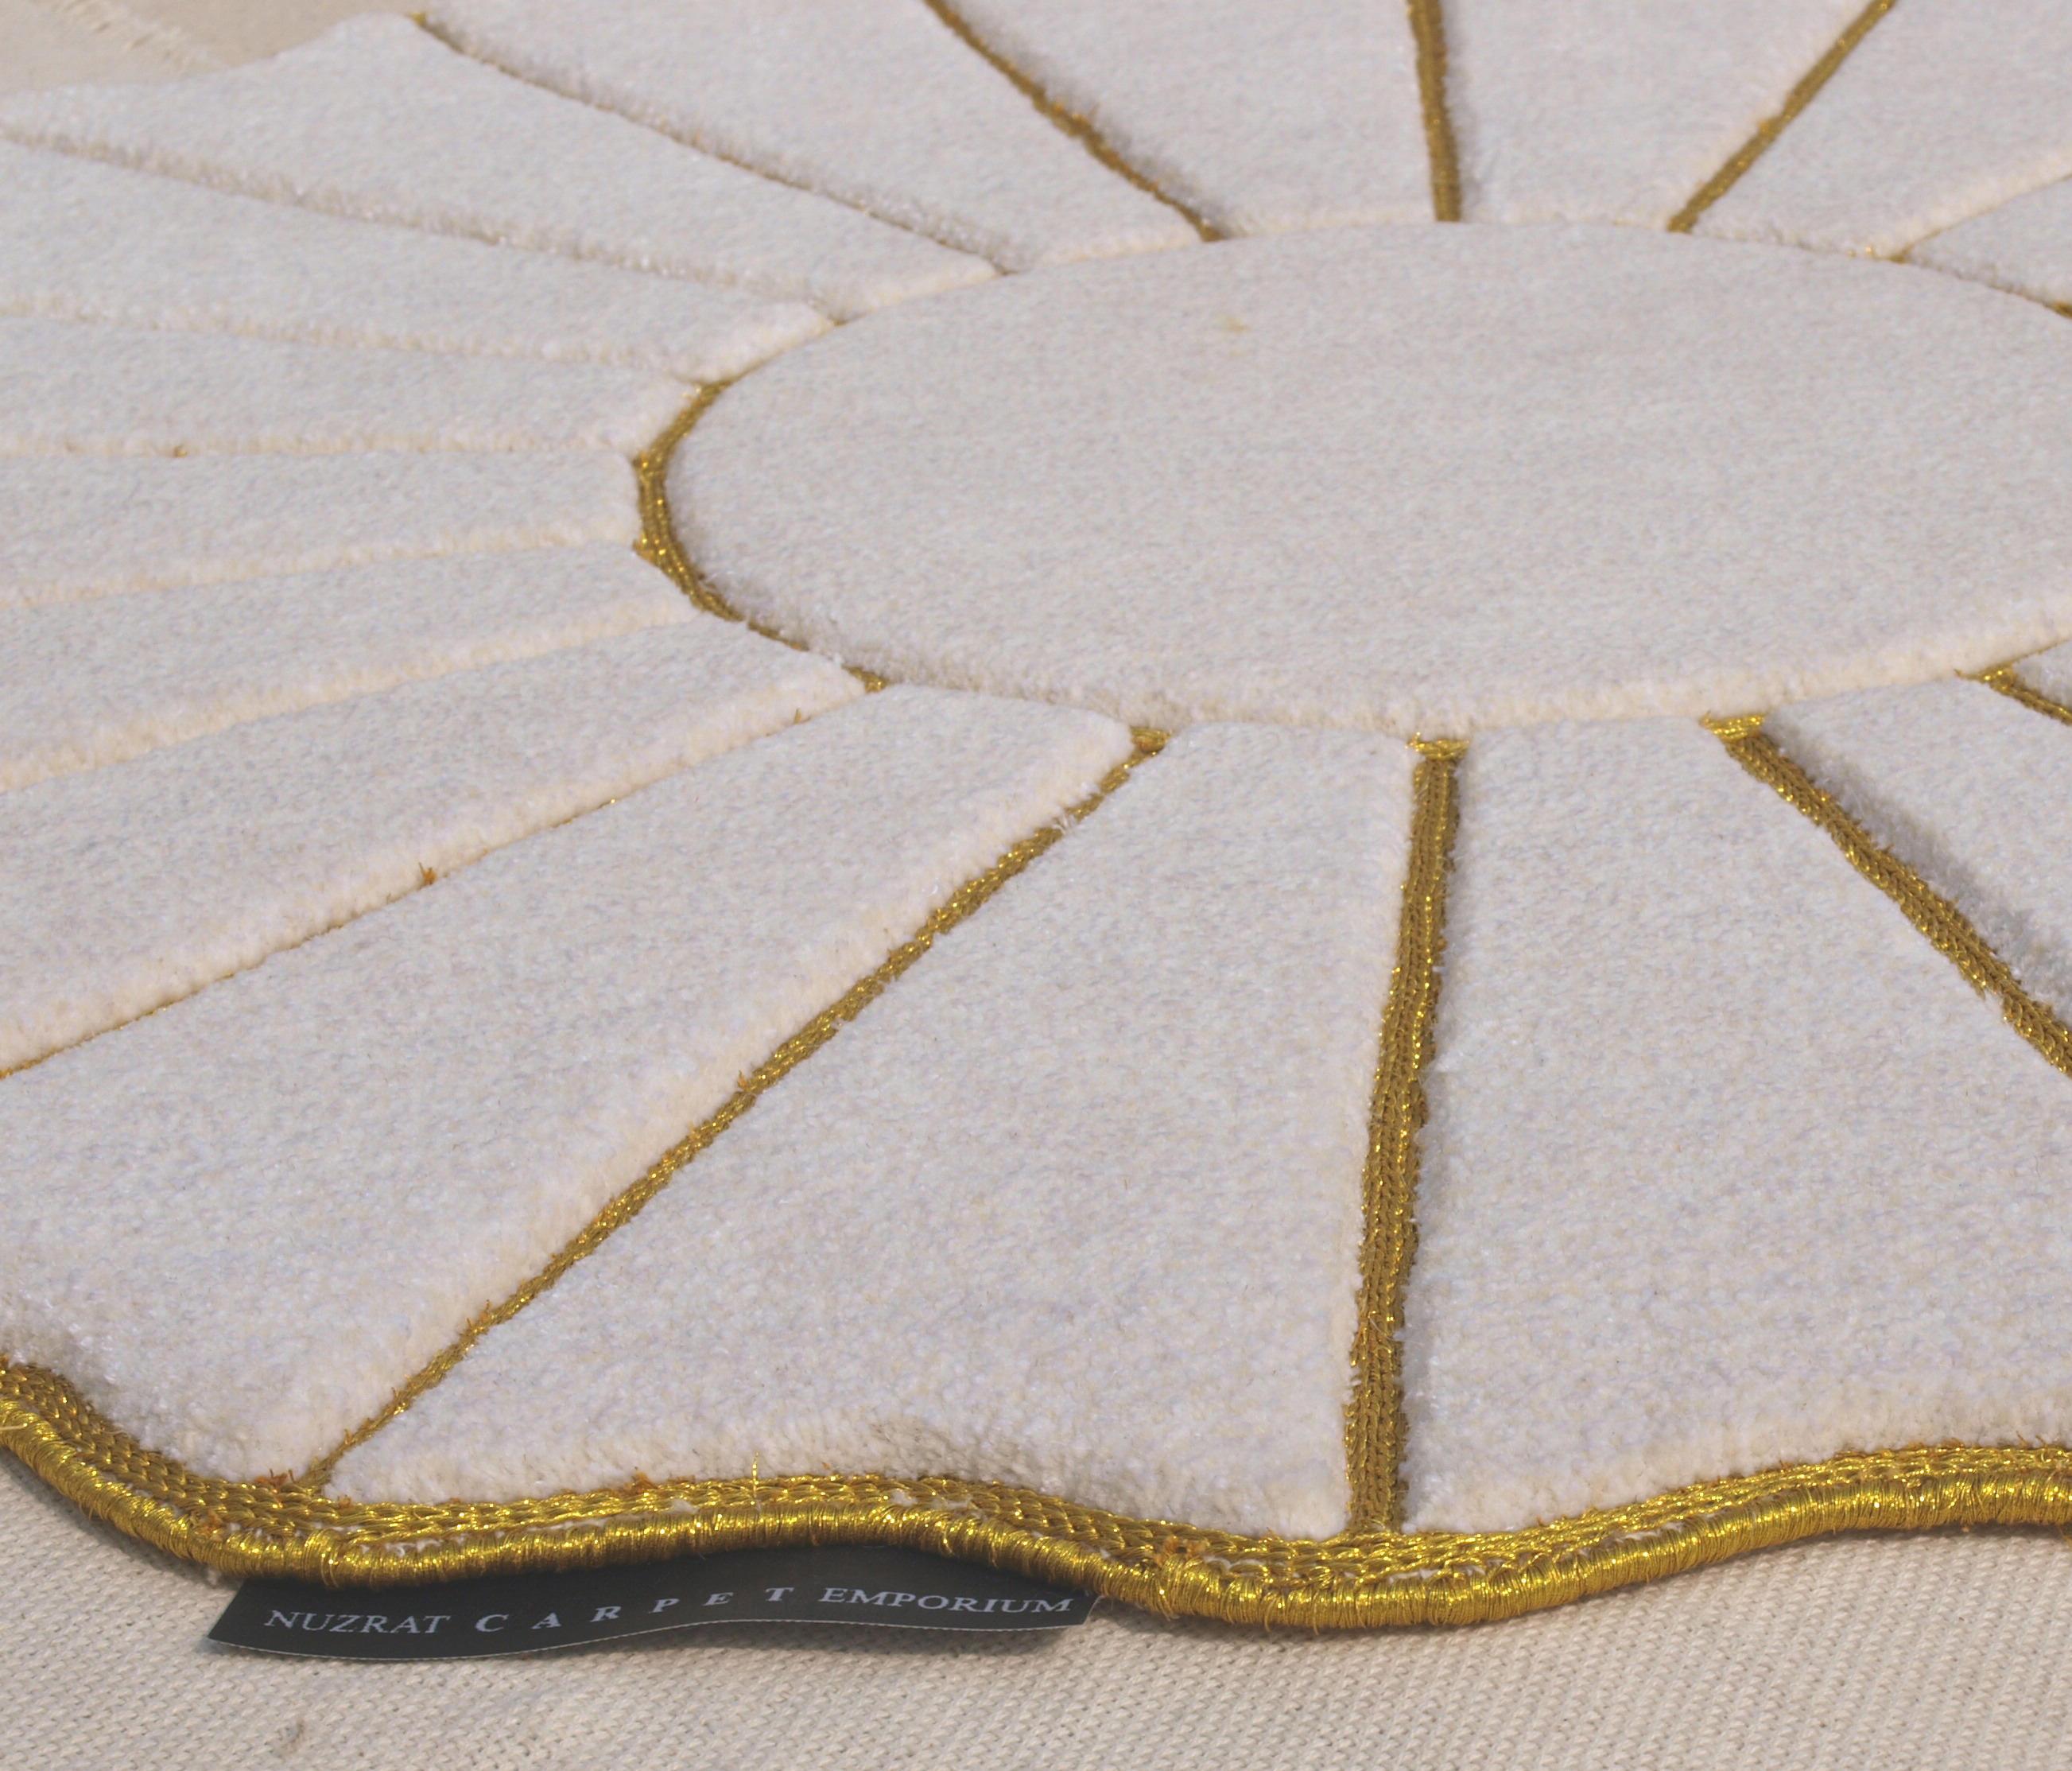 kite formatteppiche designerteppiche von nuzrat carpet emporium architonic. Black Bedroom Furniture Sets. Home Design Ideas